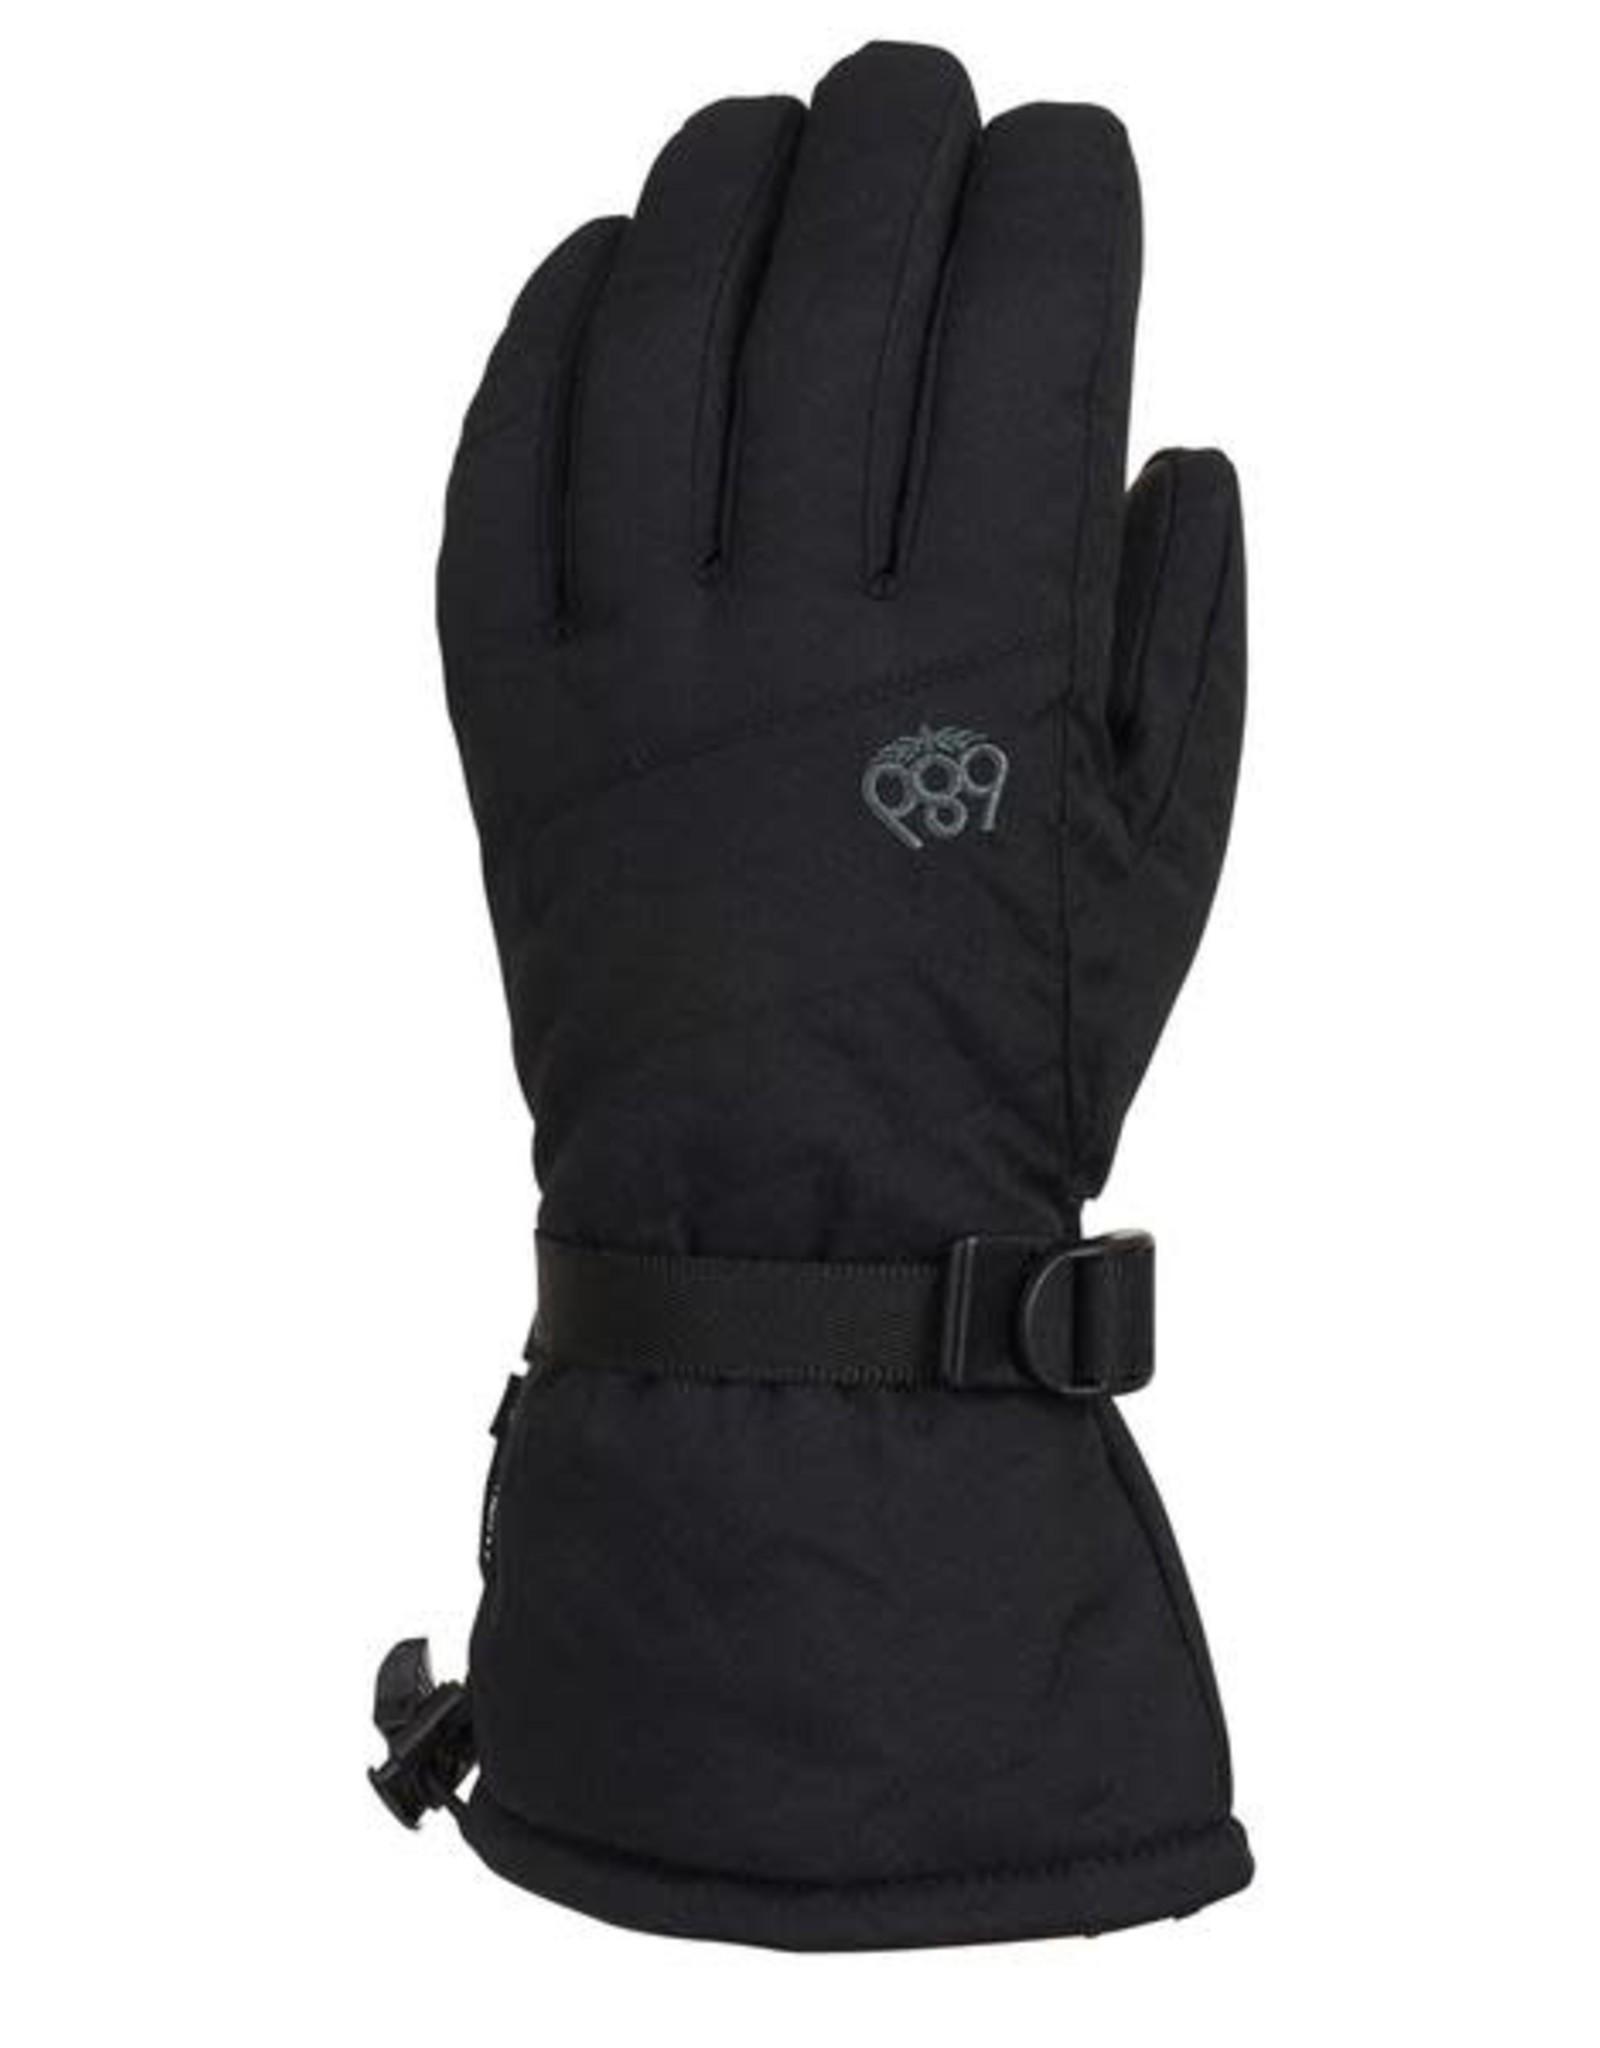 686 686 - gant infinity gauntlet